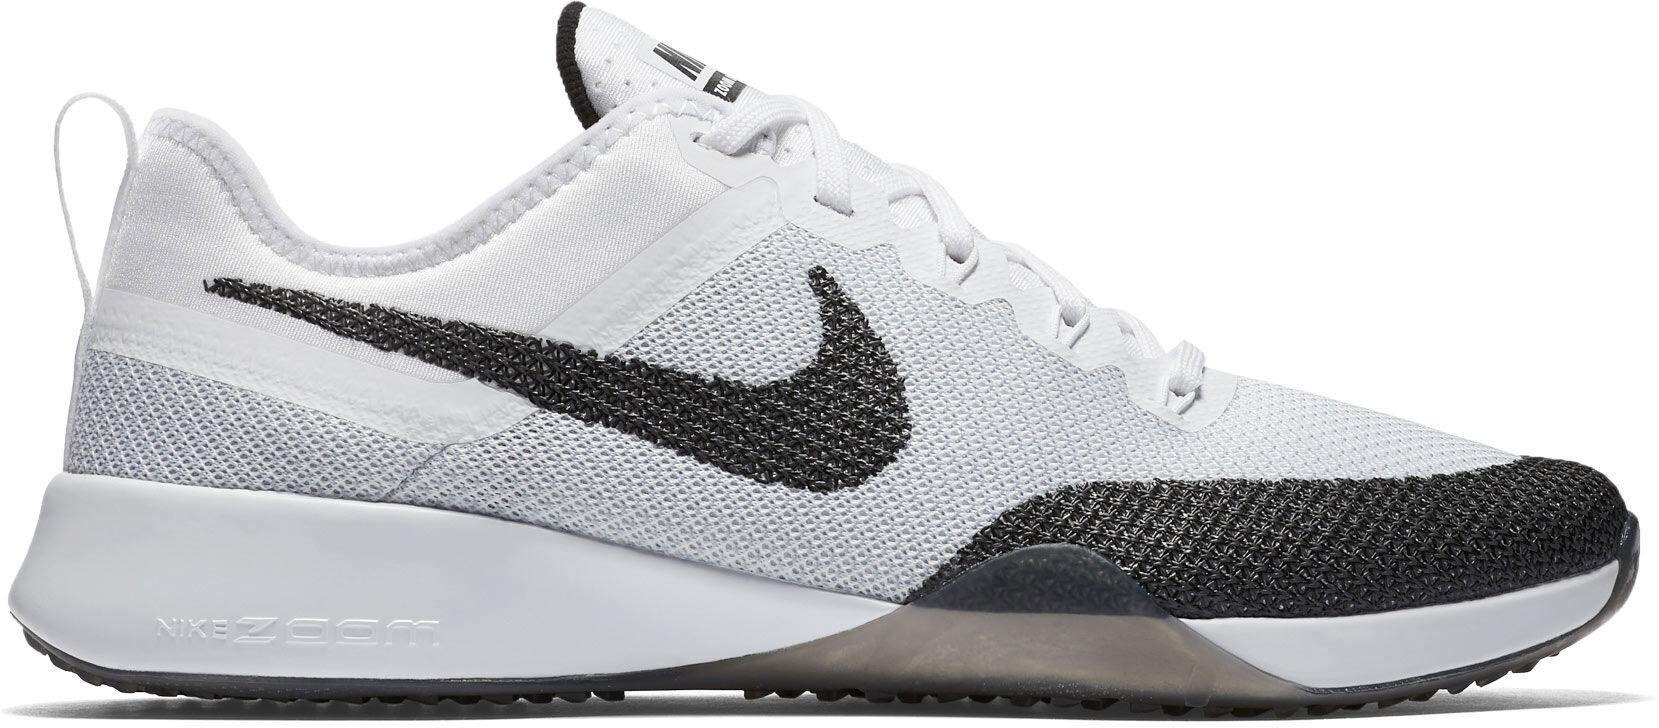 cheap nike zoom winflo 3 grå løping sko gray e4a5e 38d12